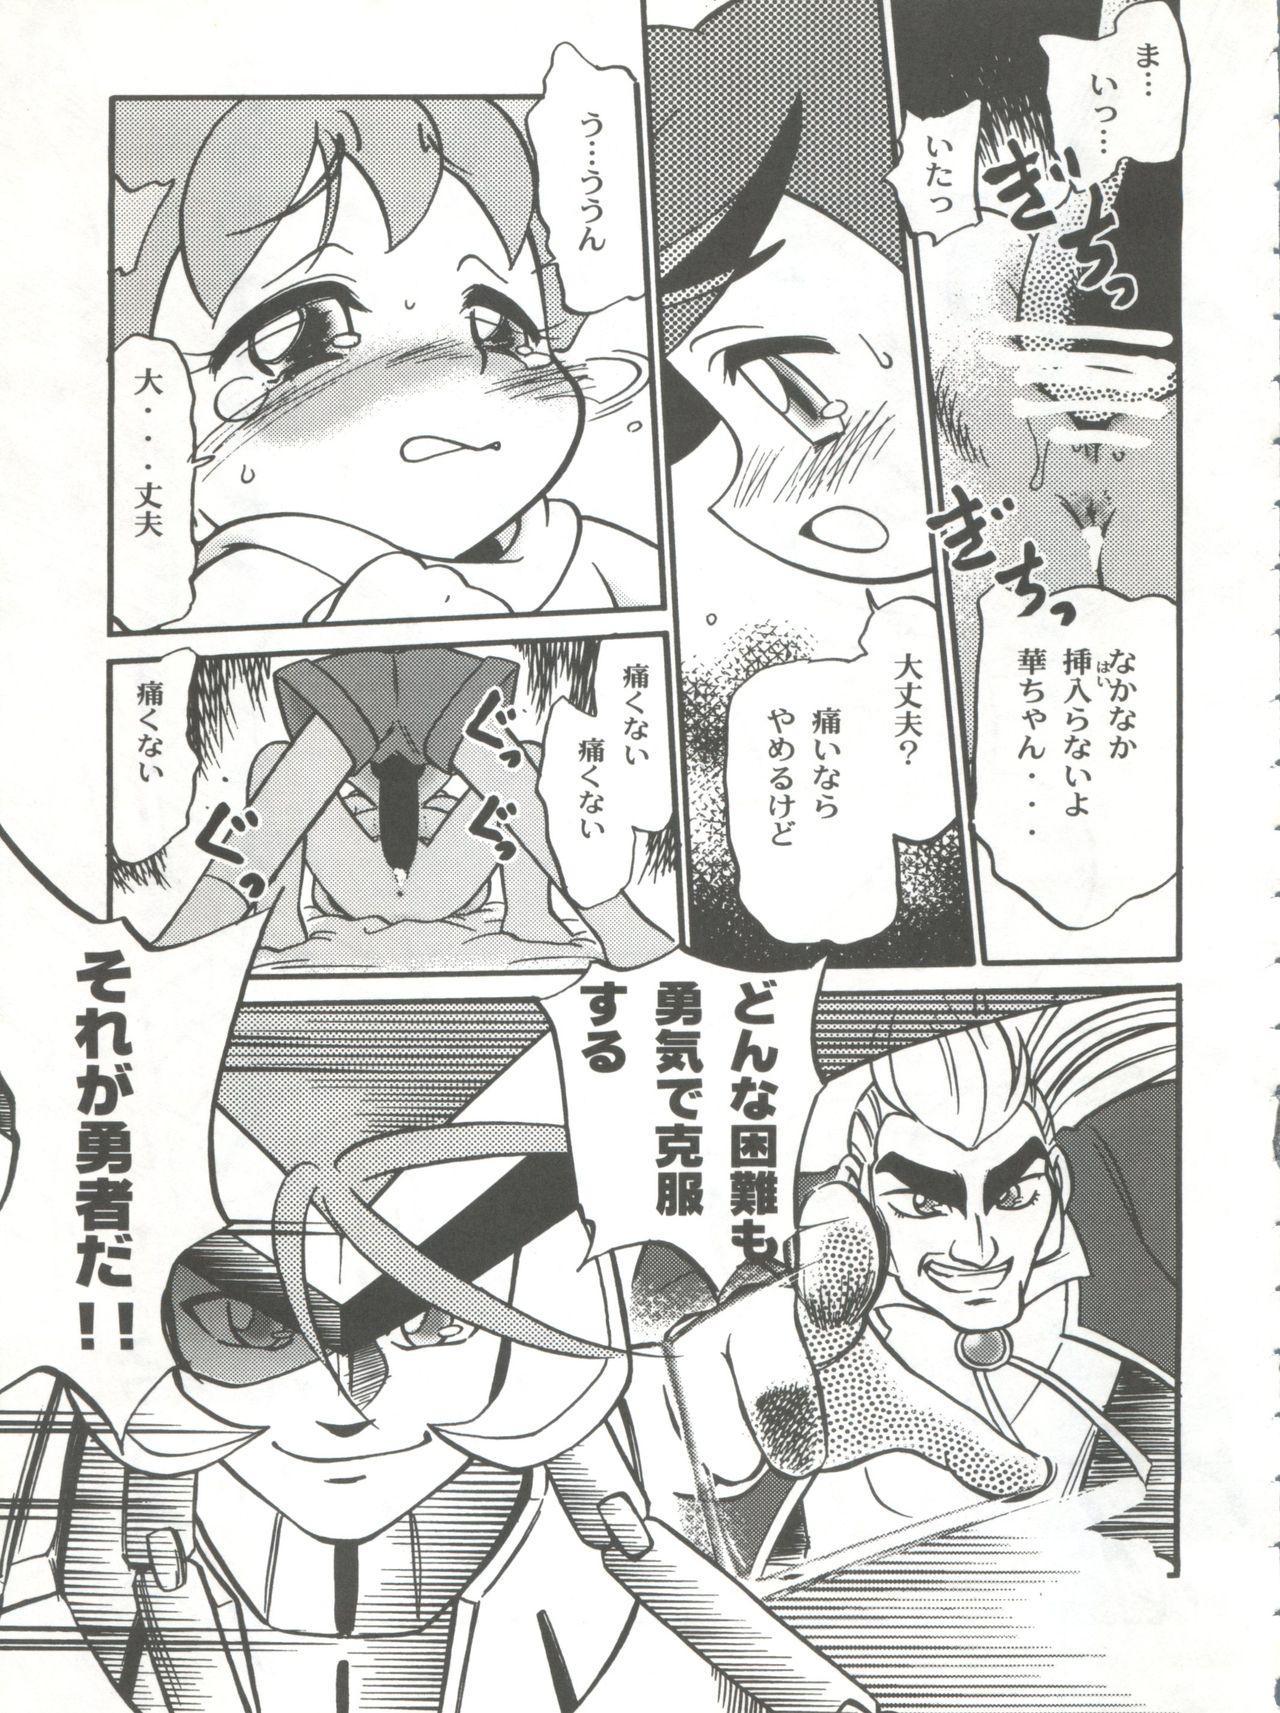 Mahou no Okusuri 23